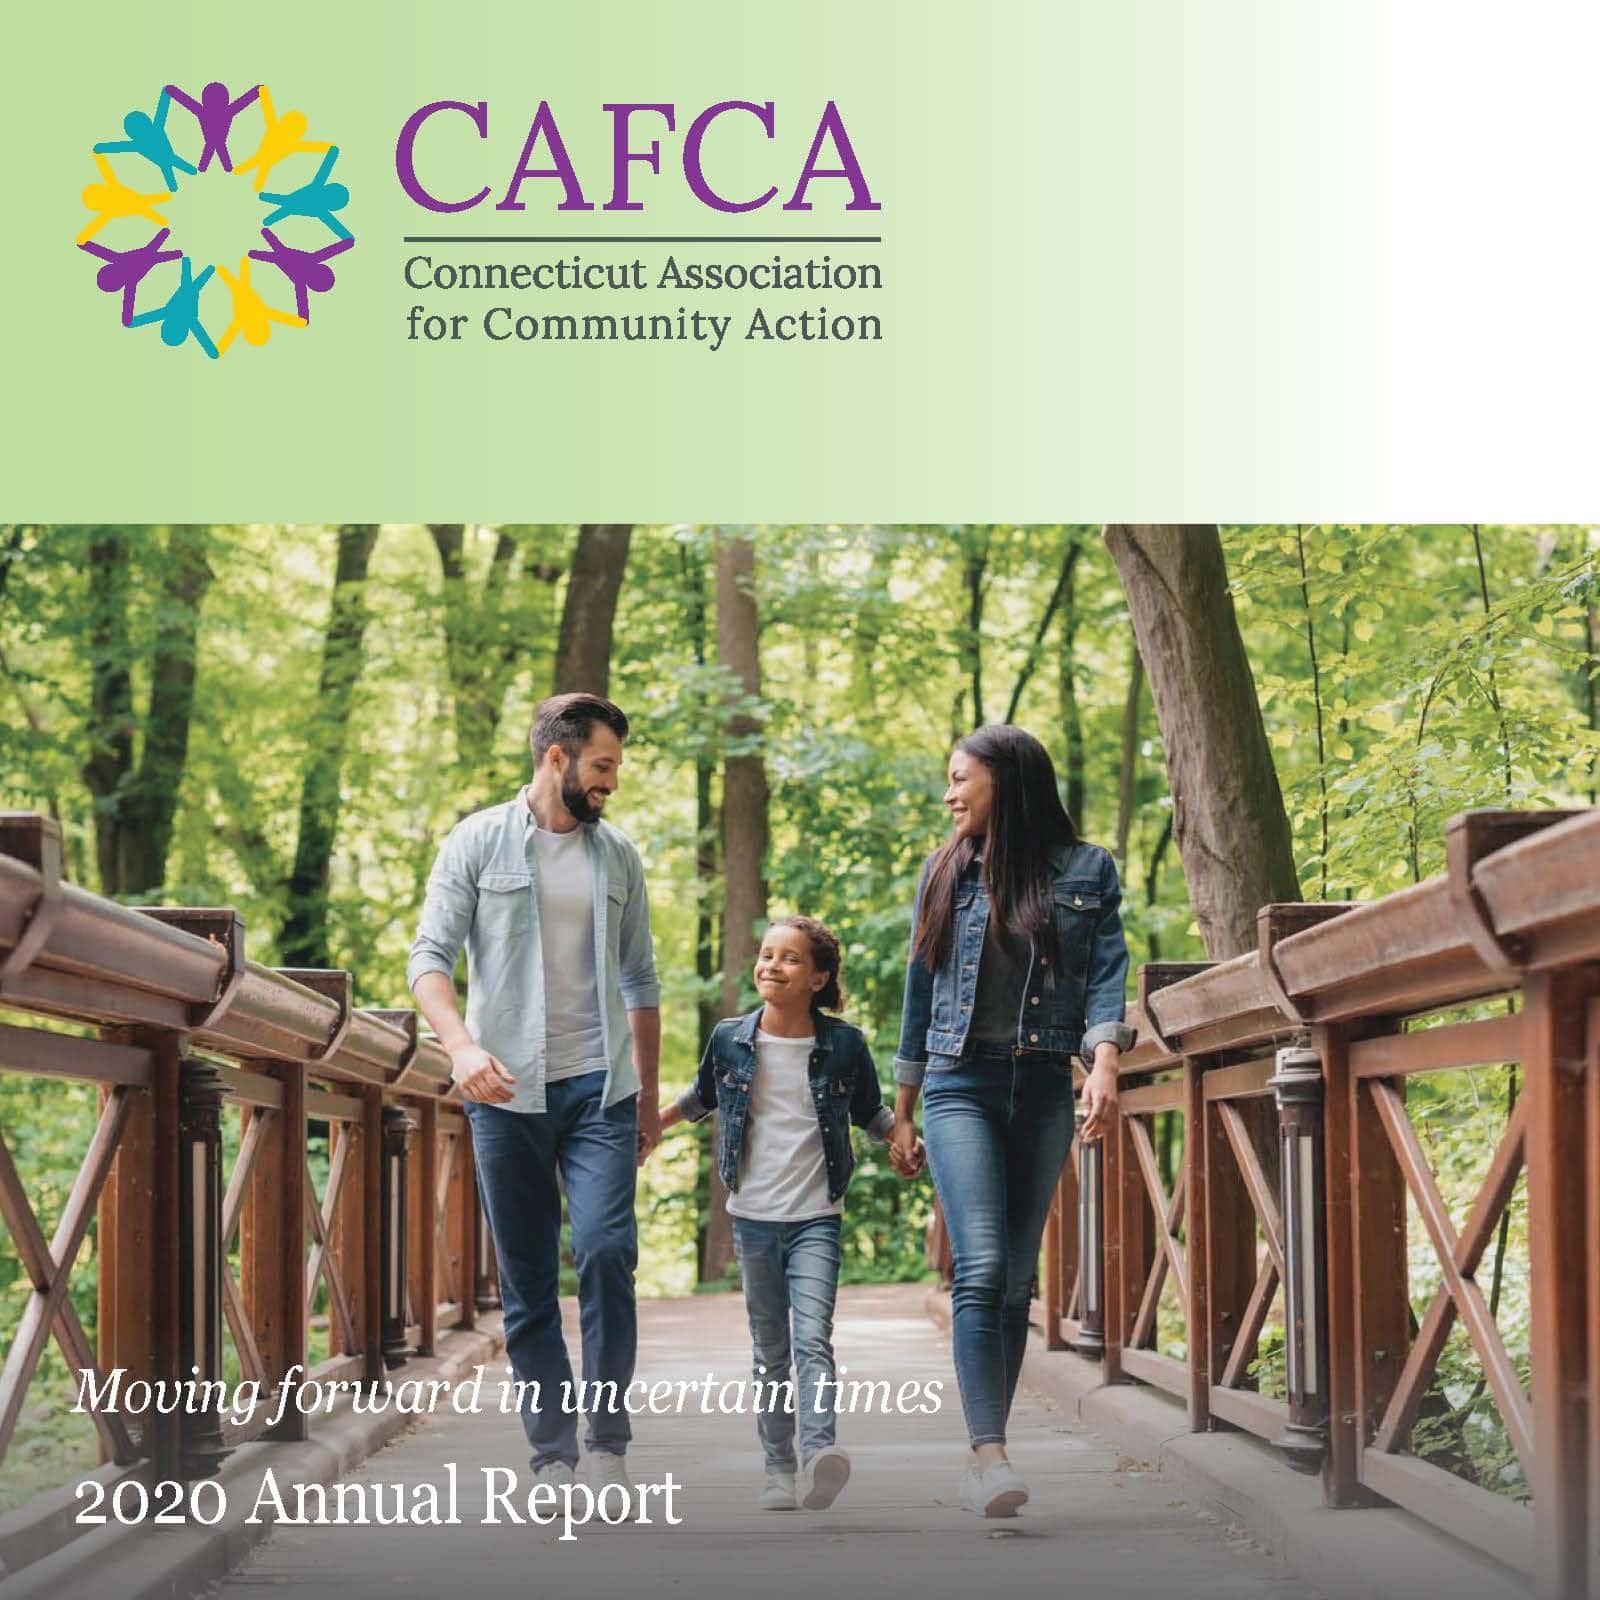 2020 CAFCA Annual Report Cover Photo